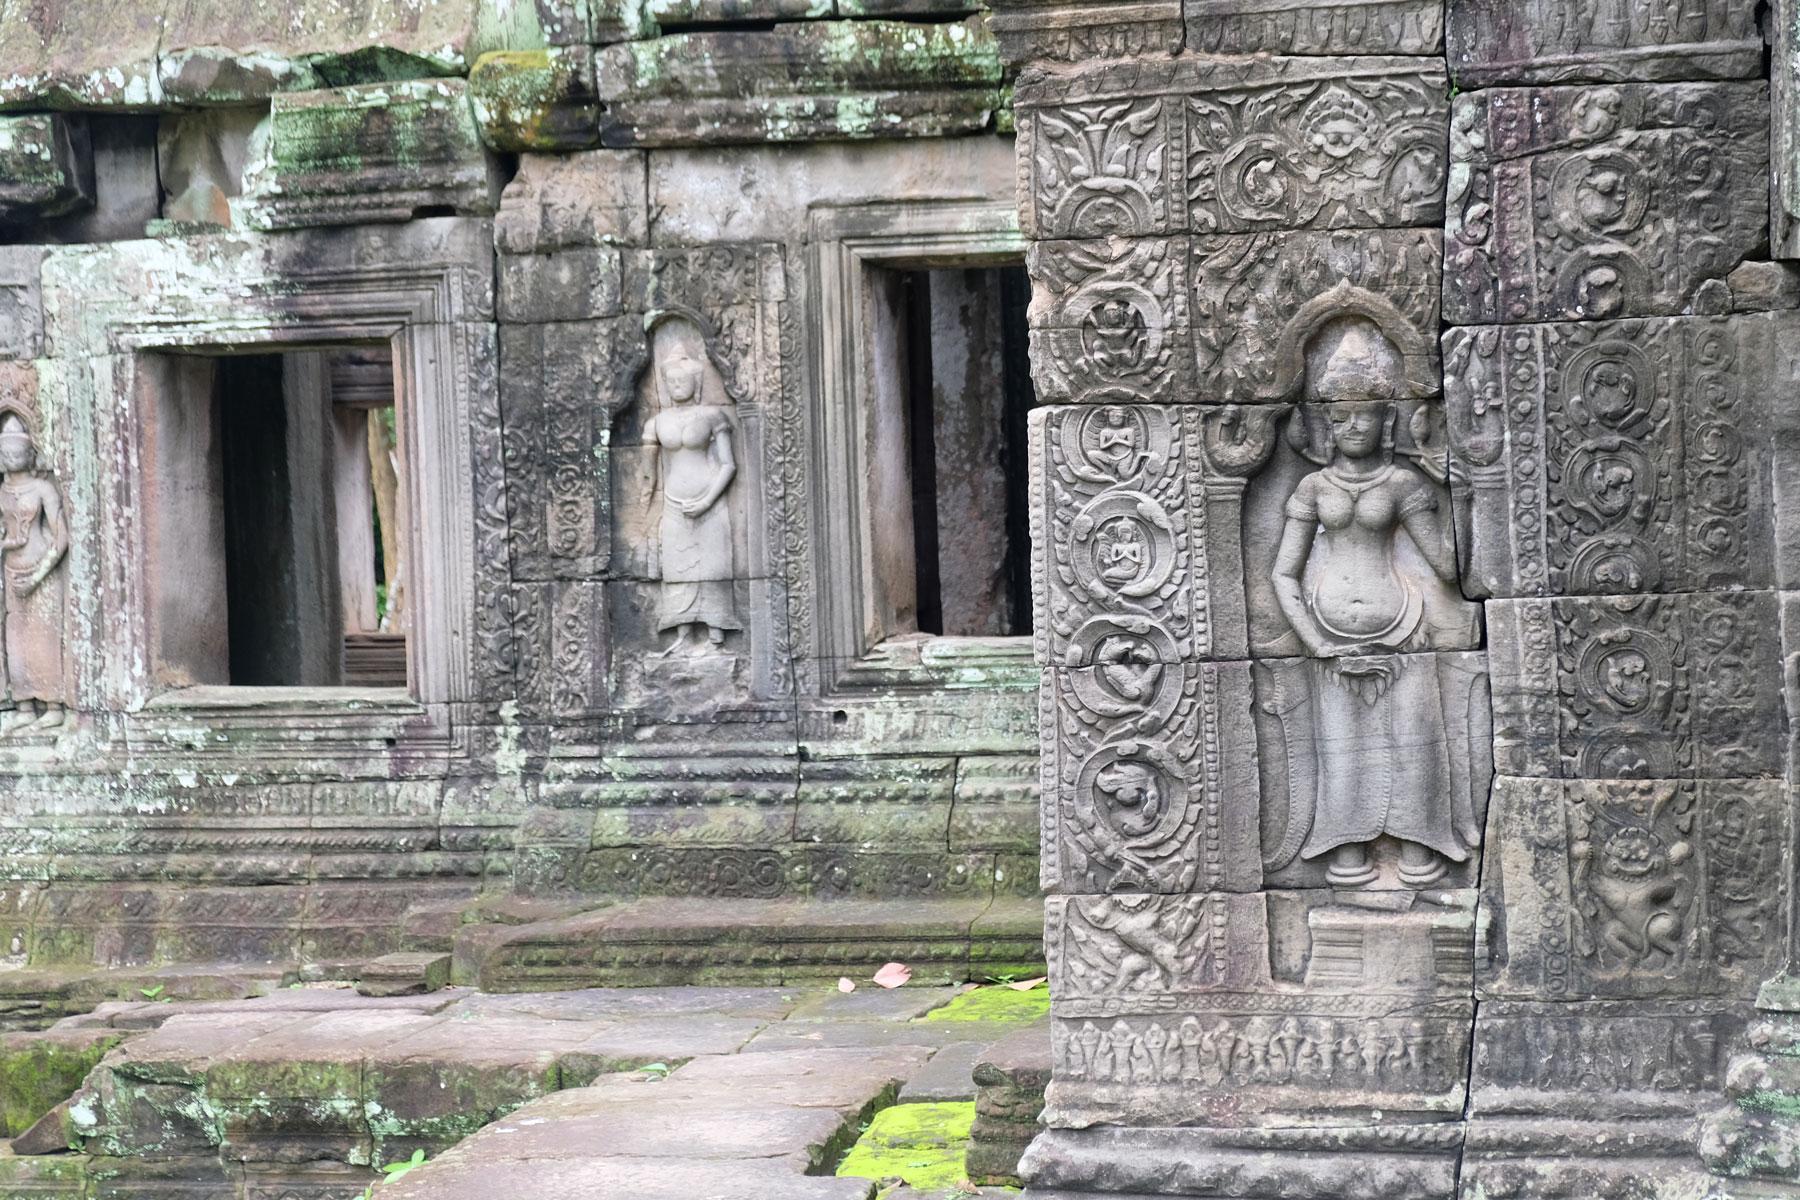 Zwei Apsaras schmücken die Steinwände von Angkor